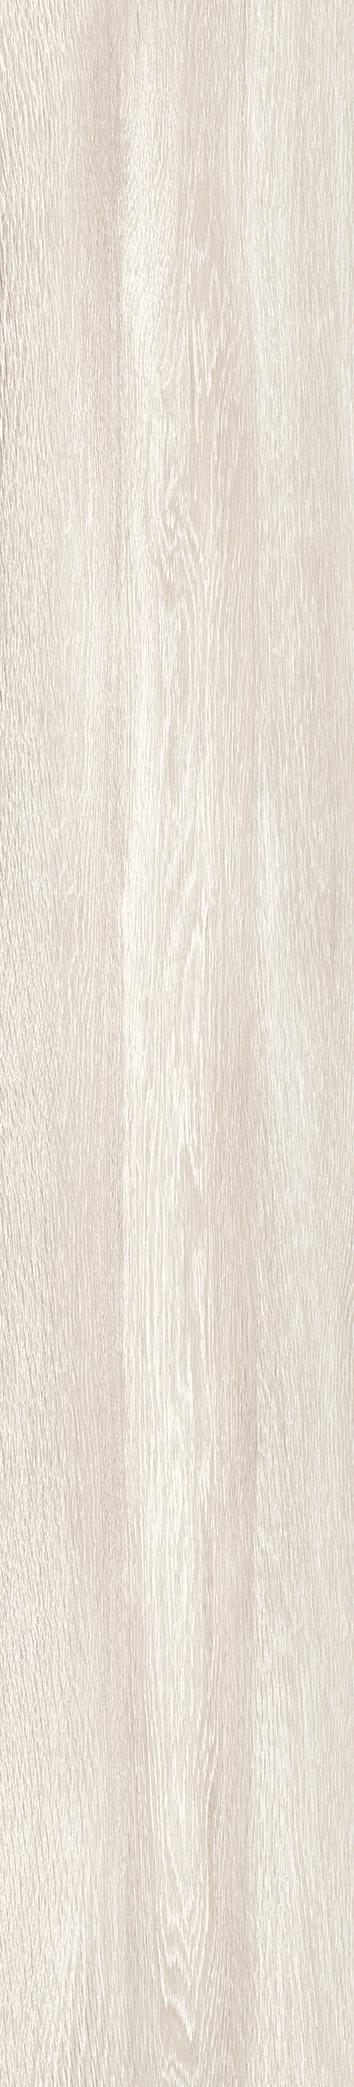 Bella Legno Bianco